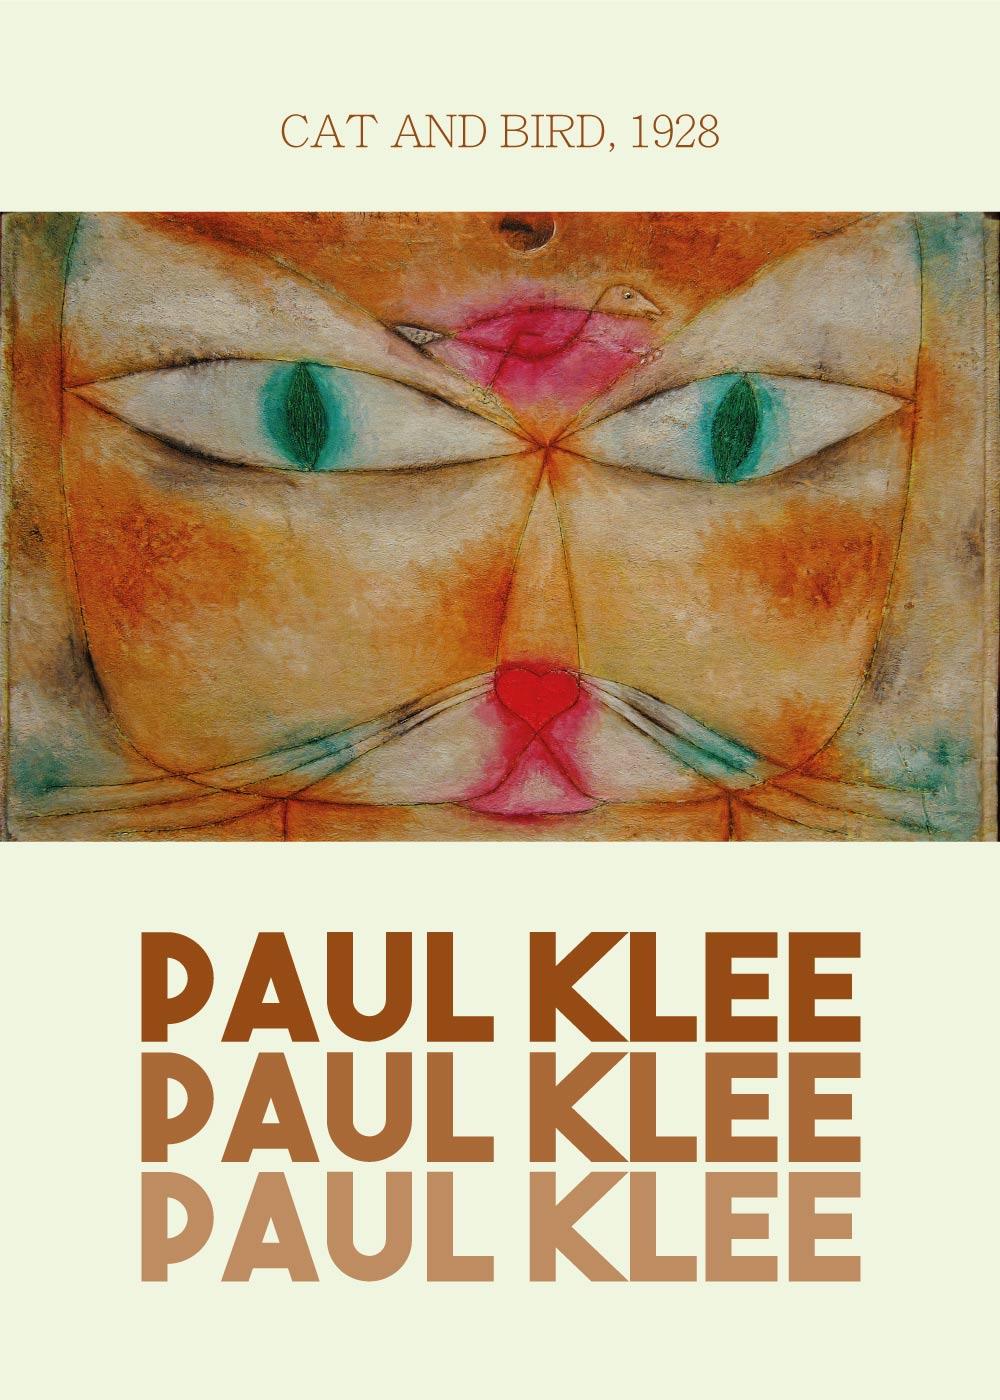 Billede af Cat and bird - Paul Klee Kunstplakat